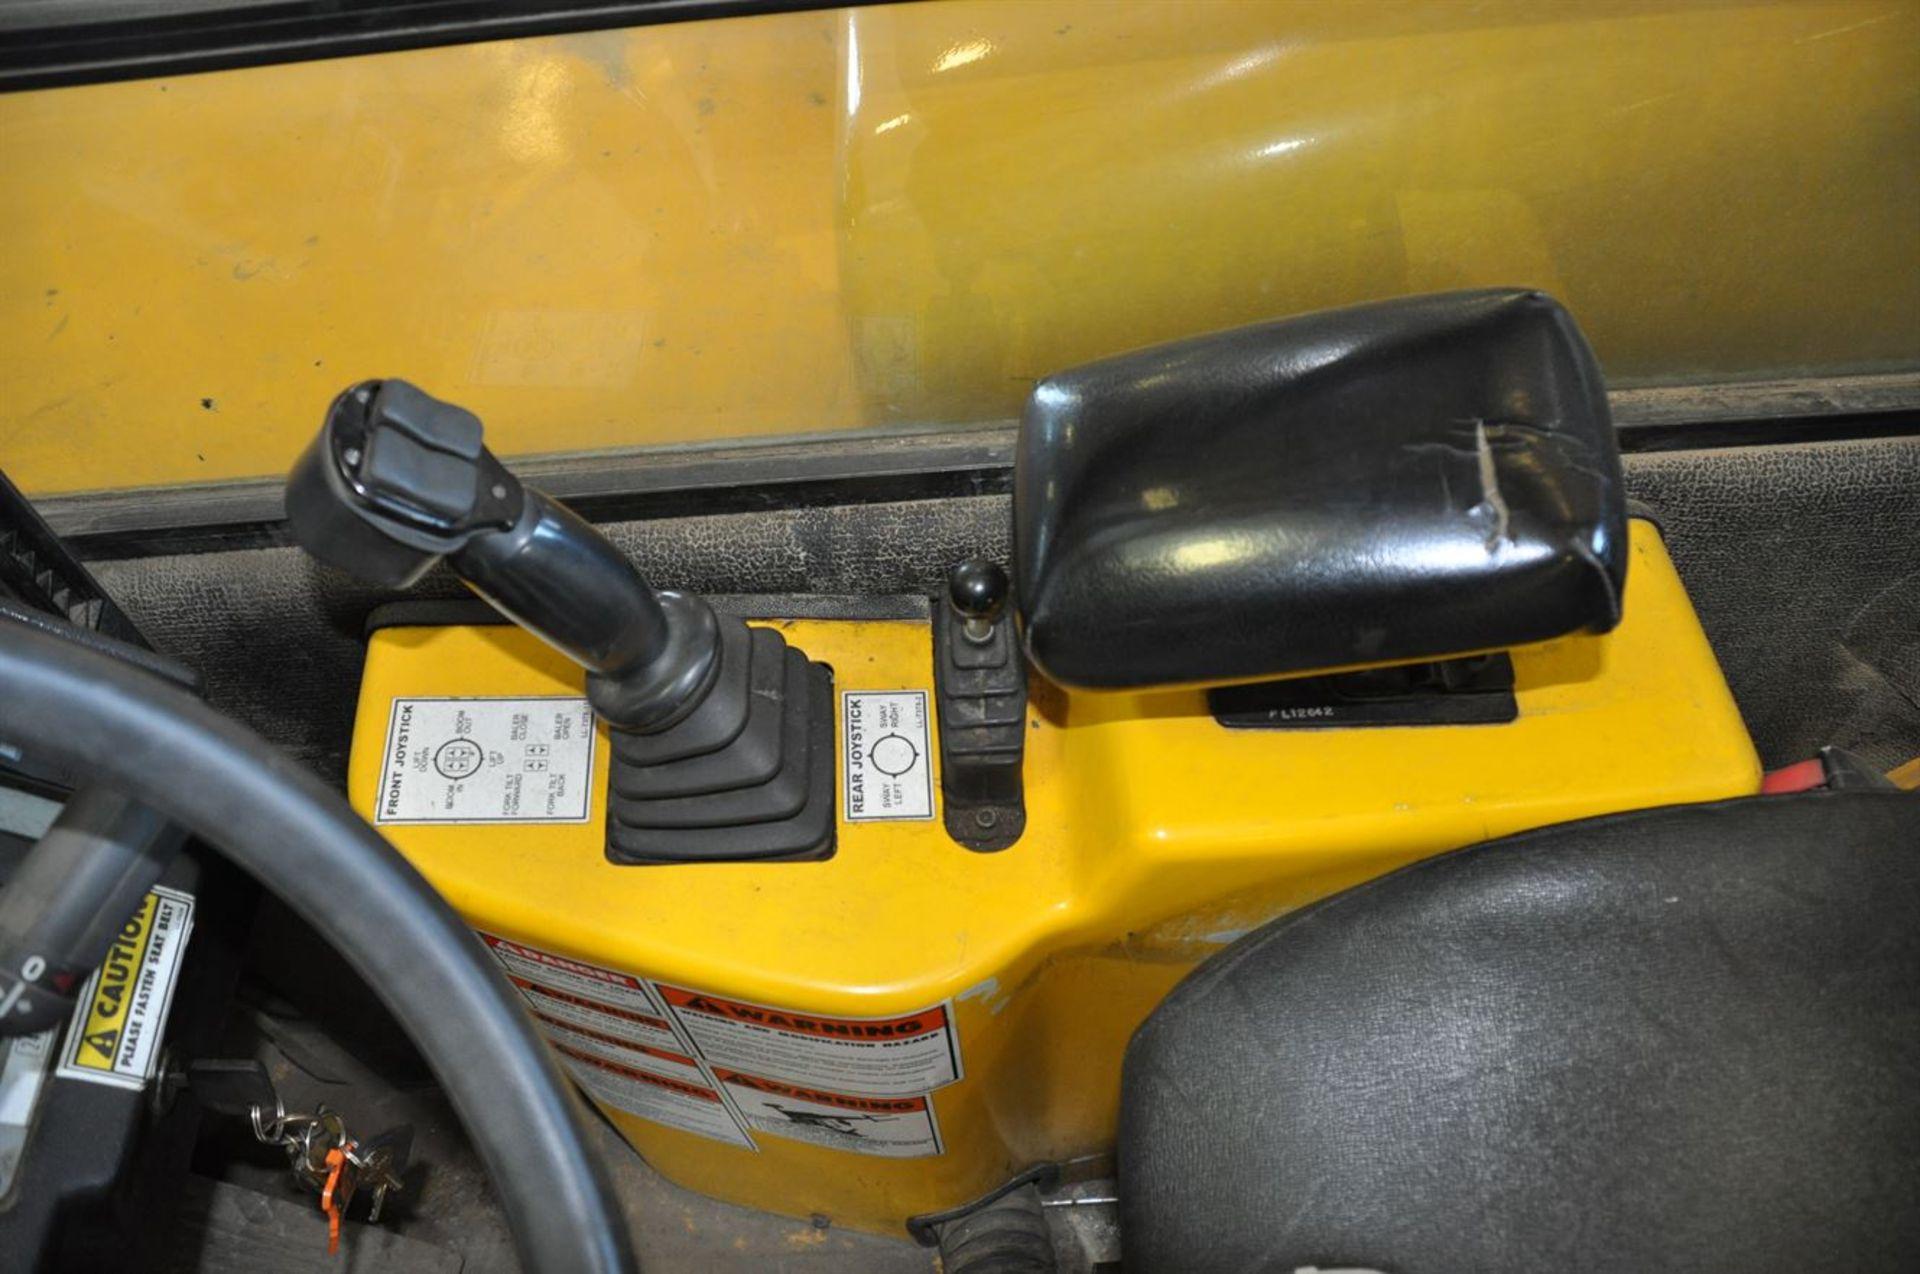 2012 PETTIBONE 1530 EXTENDO Diesel Pipe TeleHandler, s/n EX10230-12, w/ Pipe Clamp Forks, Max Load – - Image 7 of 7